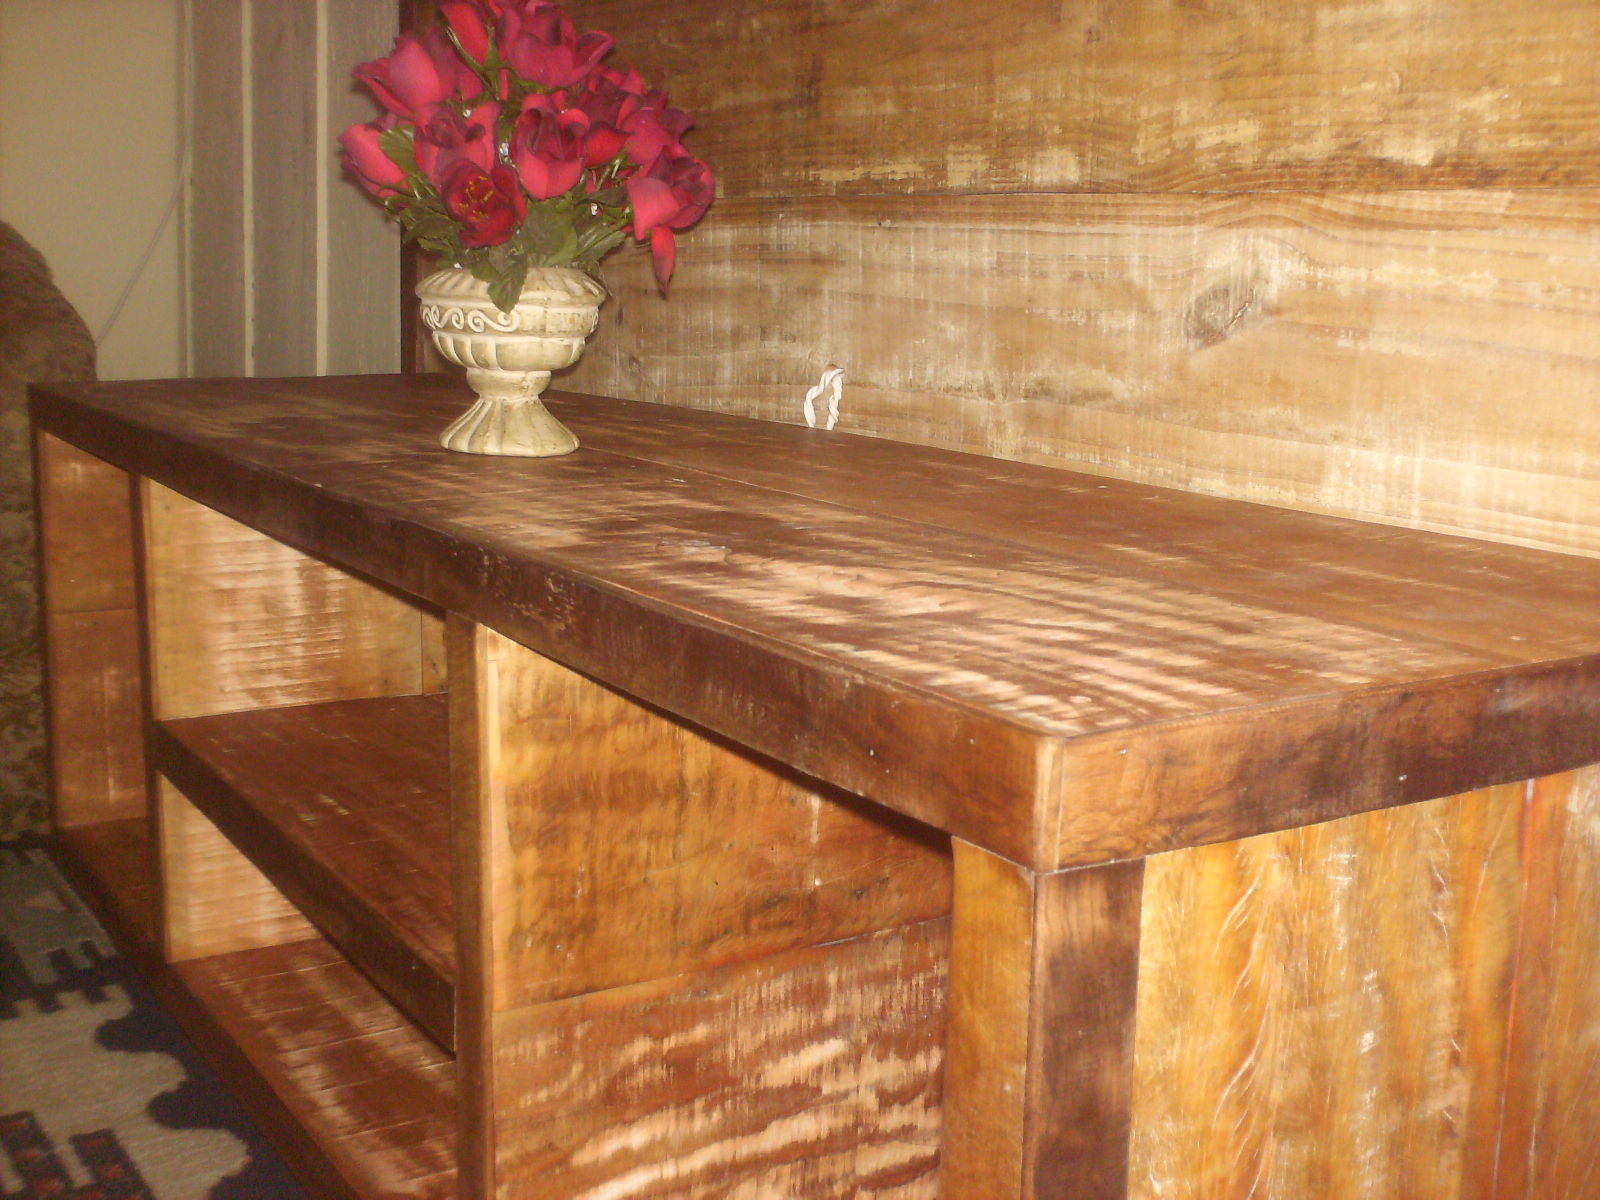 Adesivo De Geladeira ~ TALH'ARTE arte em madeira Rack e Painel em madeira de demoliç u00e3o!